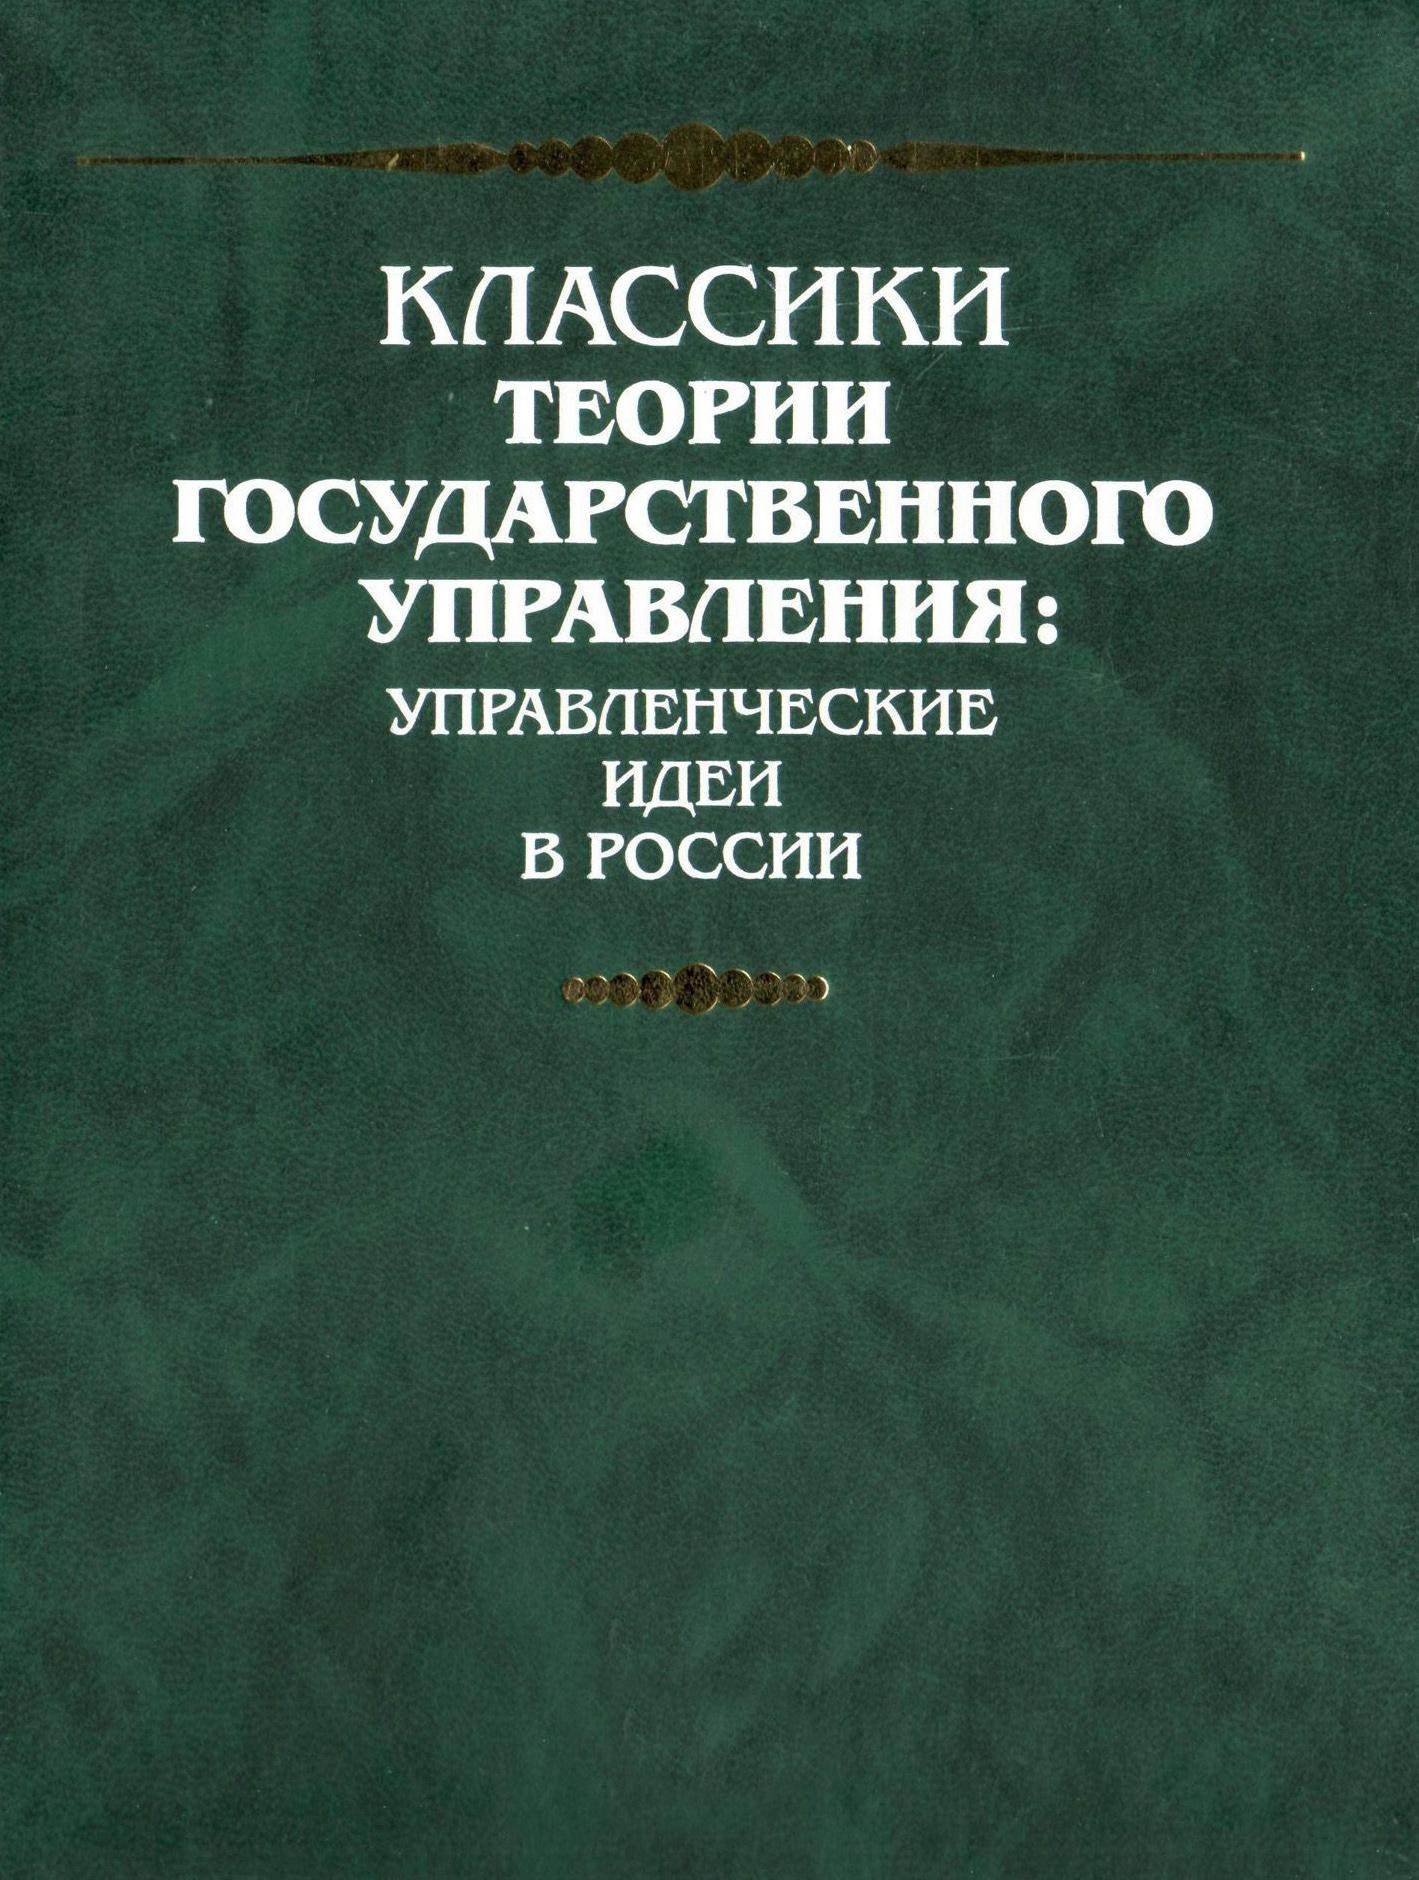 Екатерина II Наказ комиссии о составлении проекта нового уложения екатерина ii наказ коммиссии о составлении проекта новаго уложения